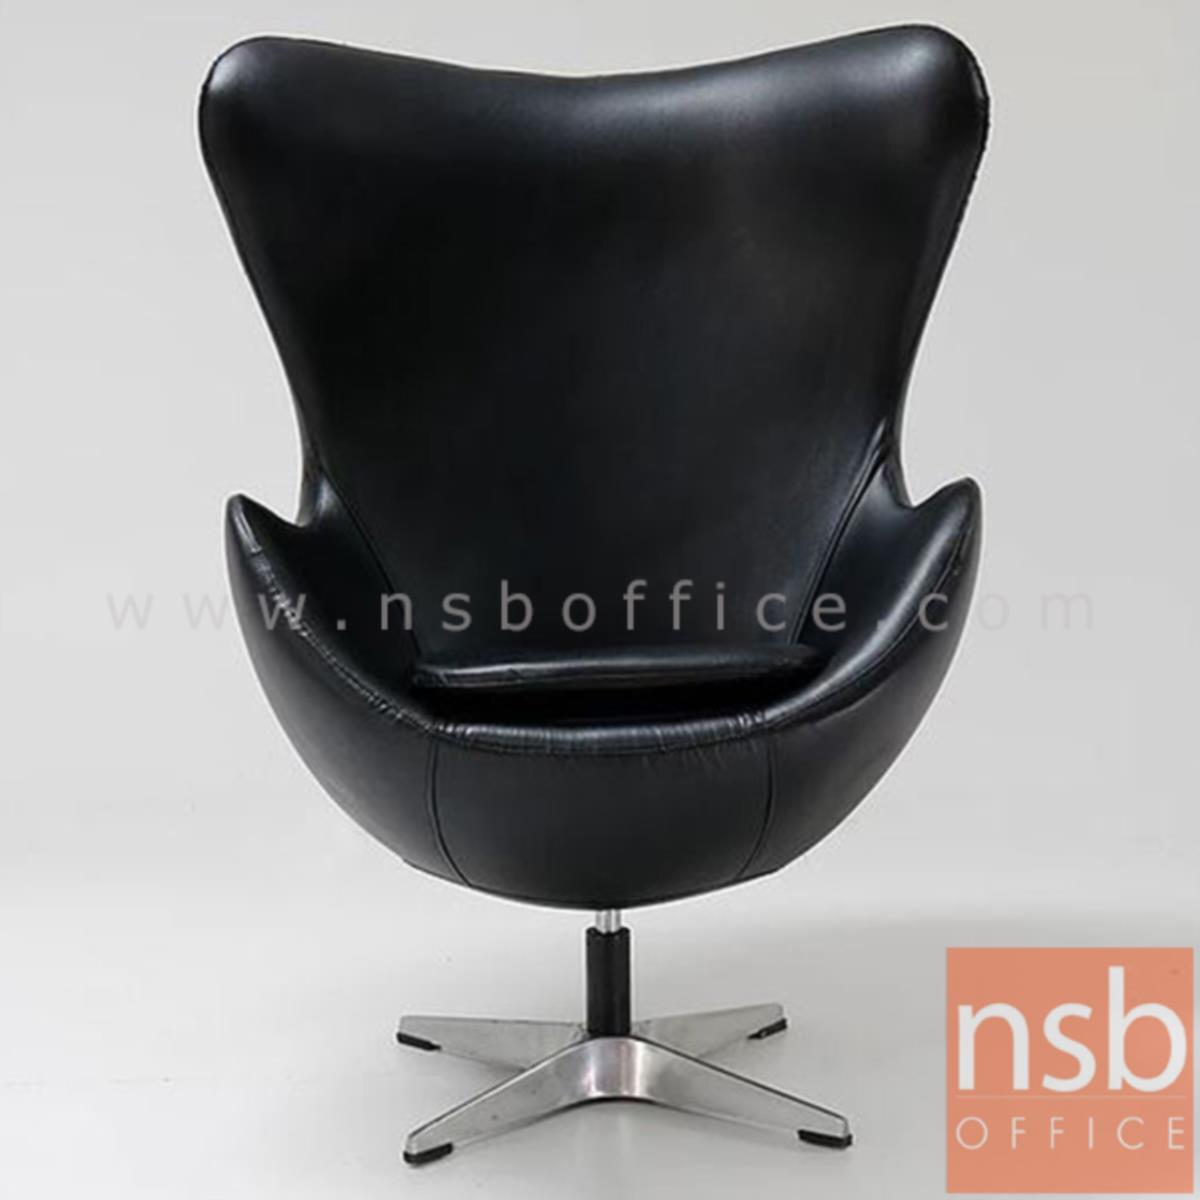 เก้าอี้โมเดิร์นหนังเทียม รุ่น Griffith (กริฟฟิท)  โครงขาเหล็กชุบโครเมี่ยม